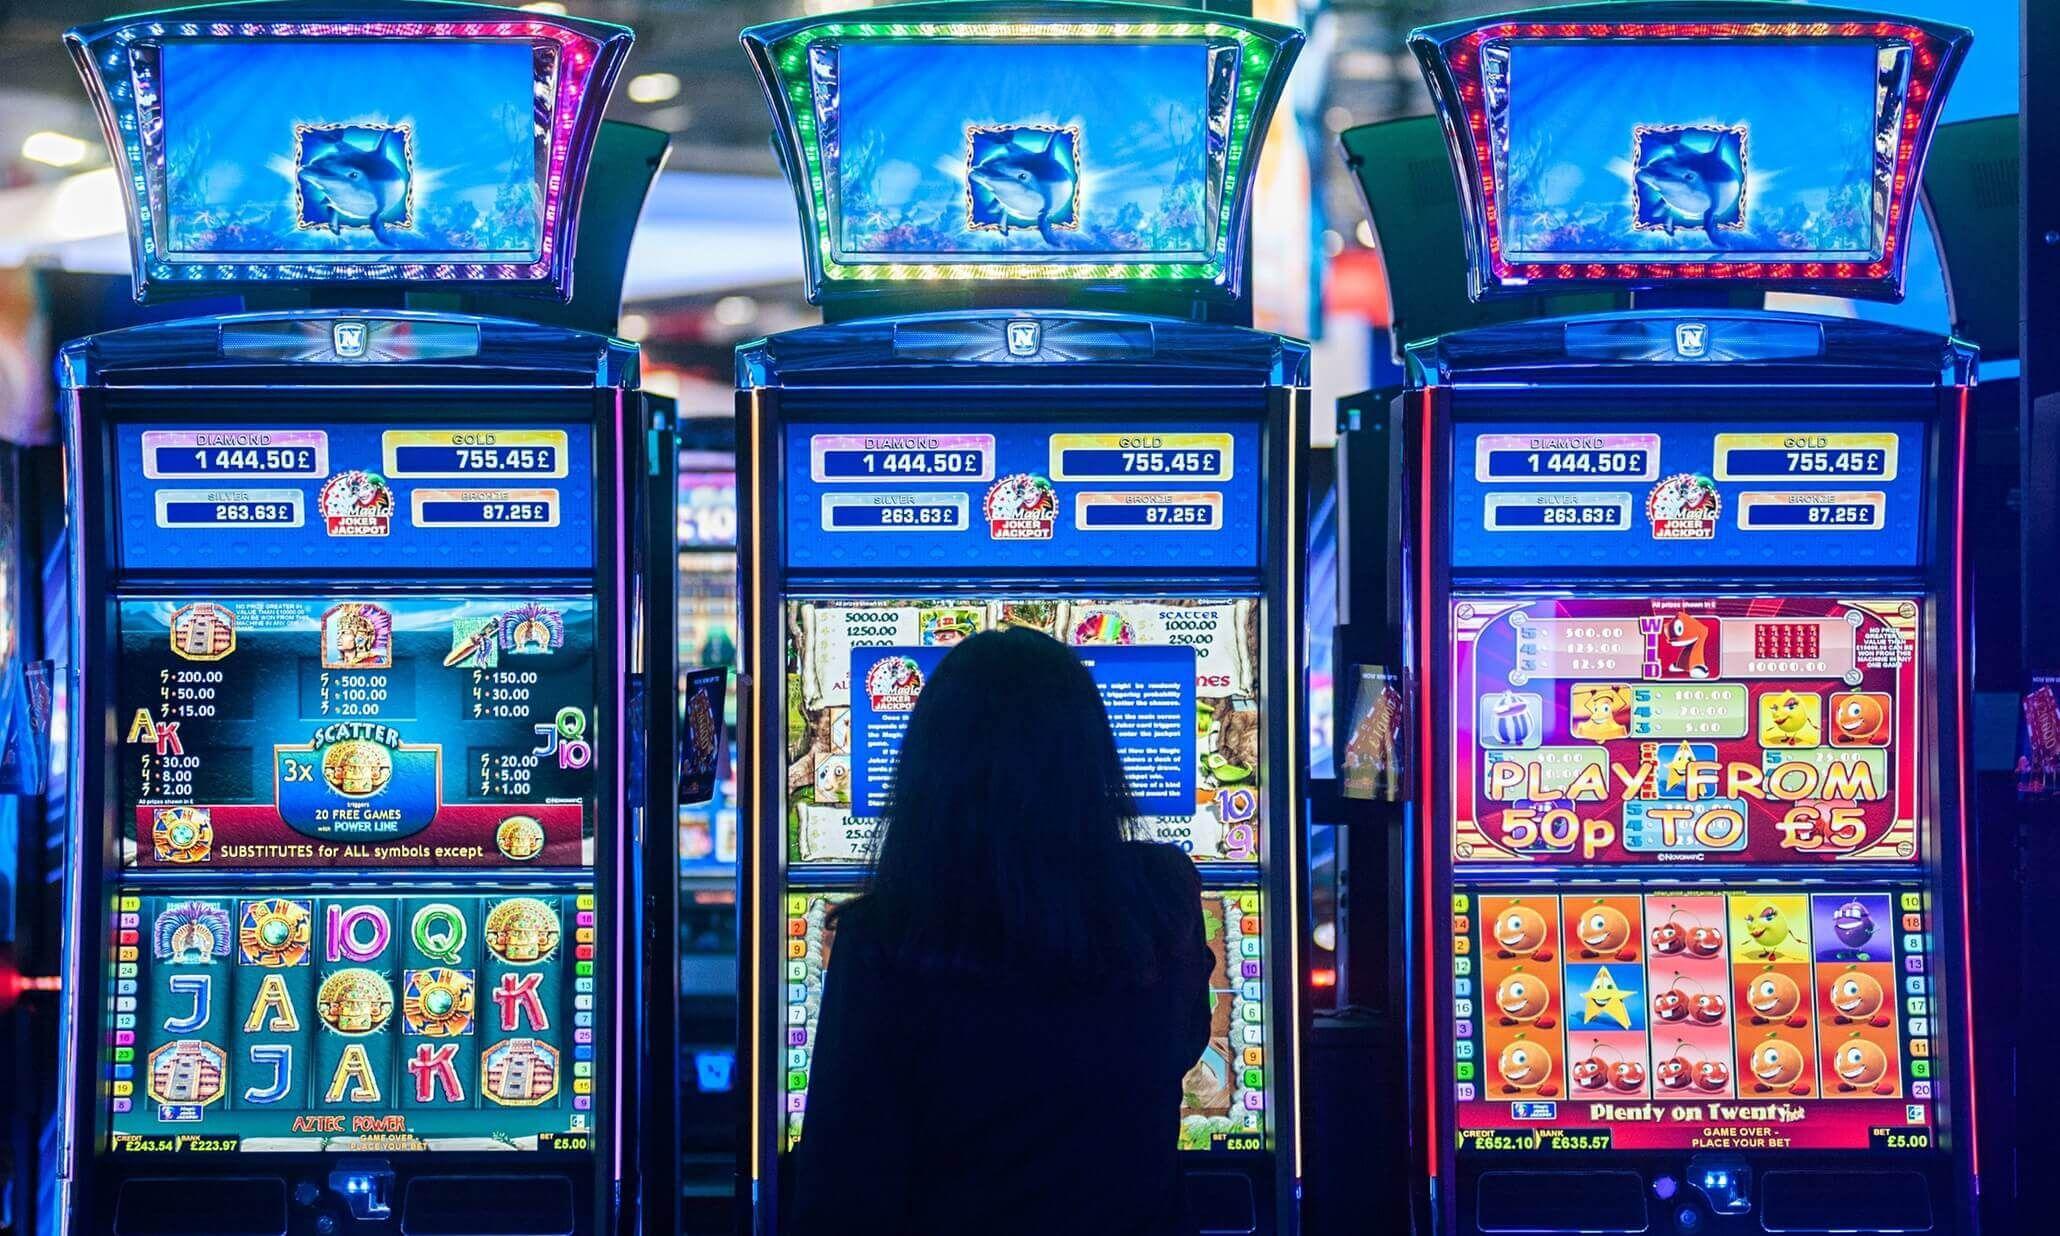 Онлайн играть в хорошем казино на реальные деньги казино азарт плей играть